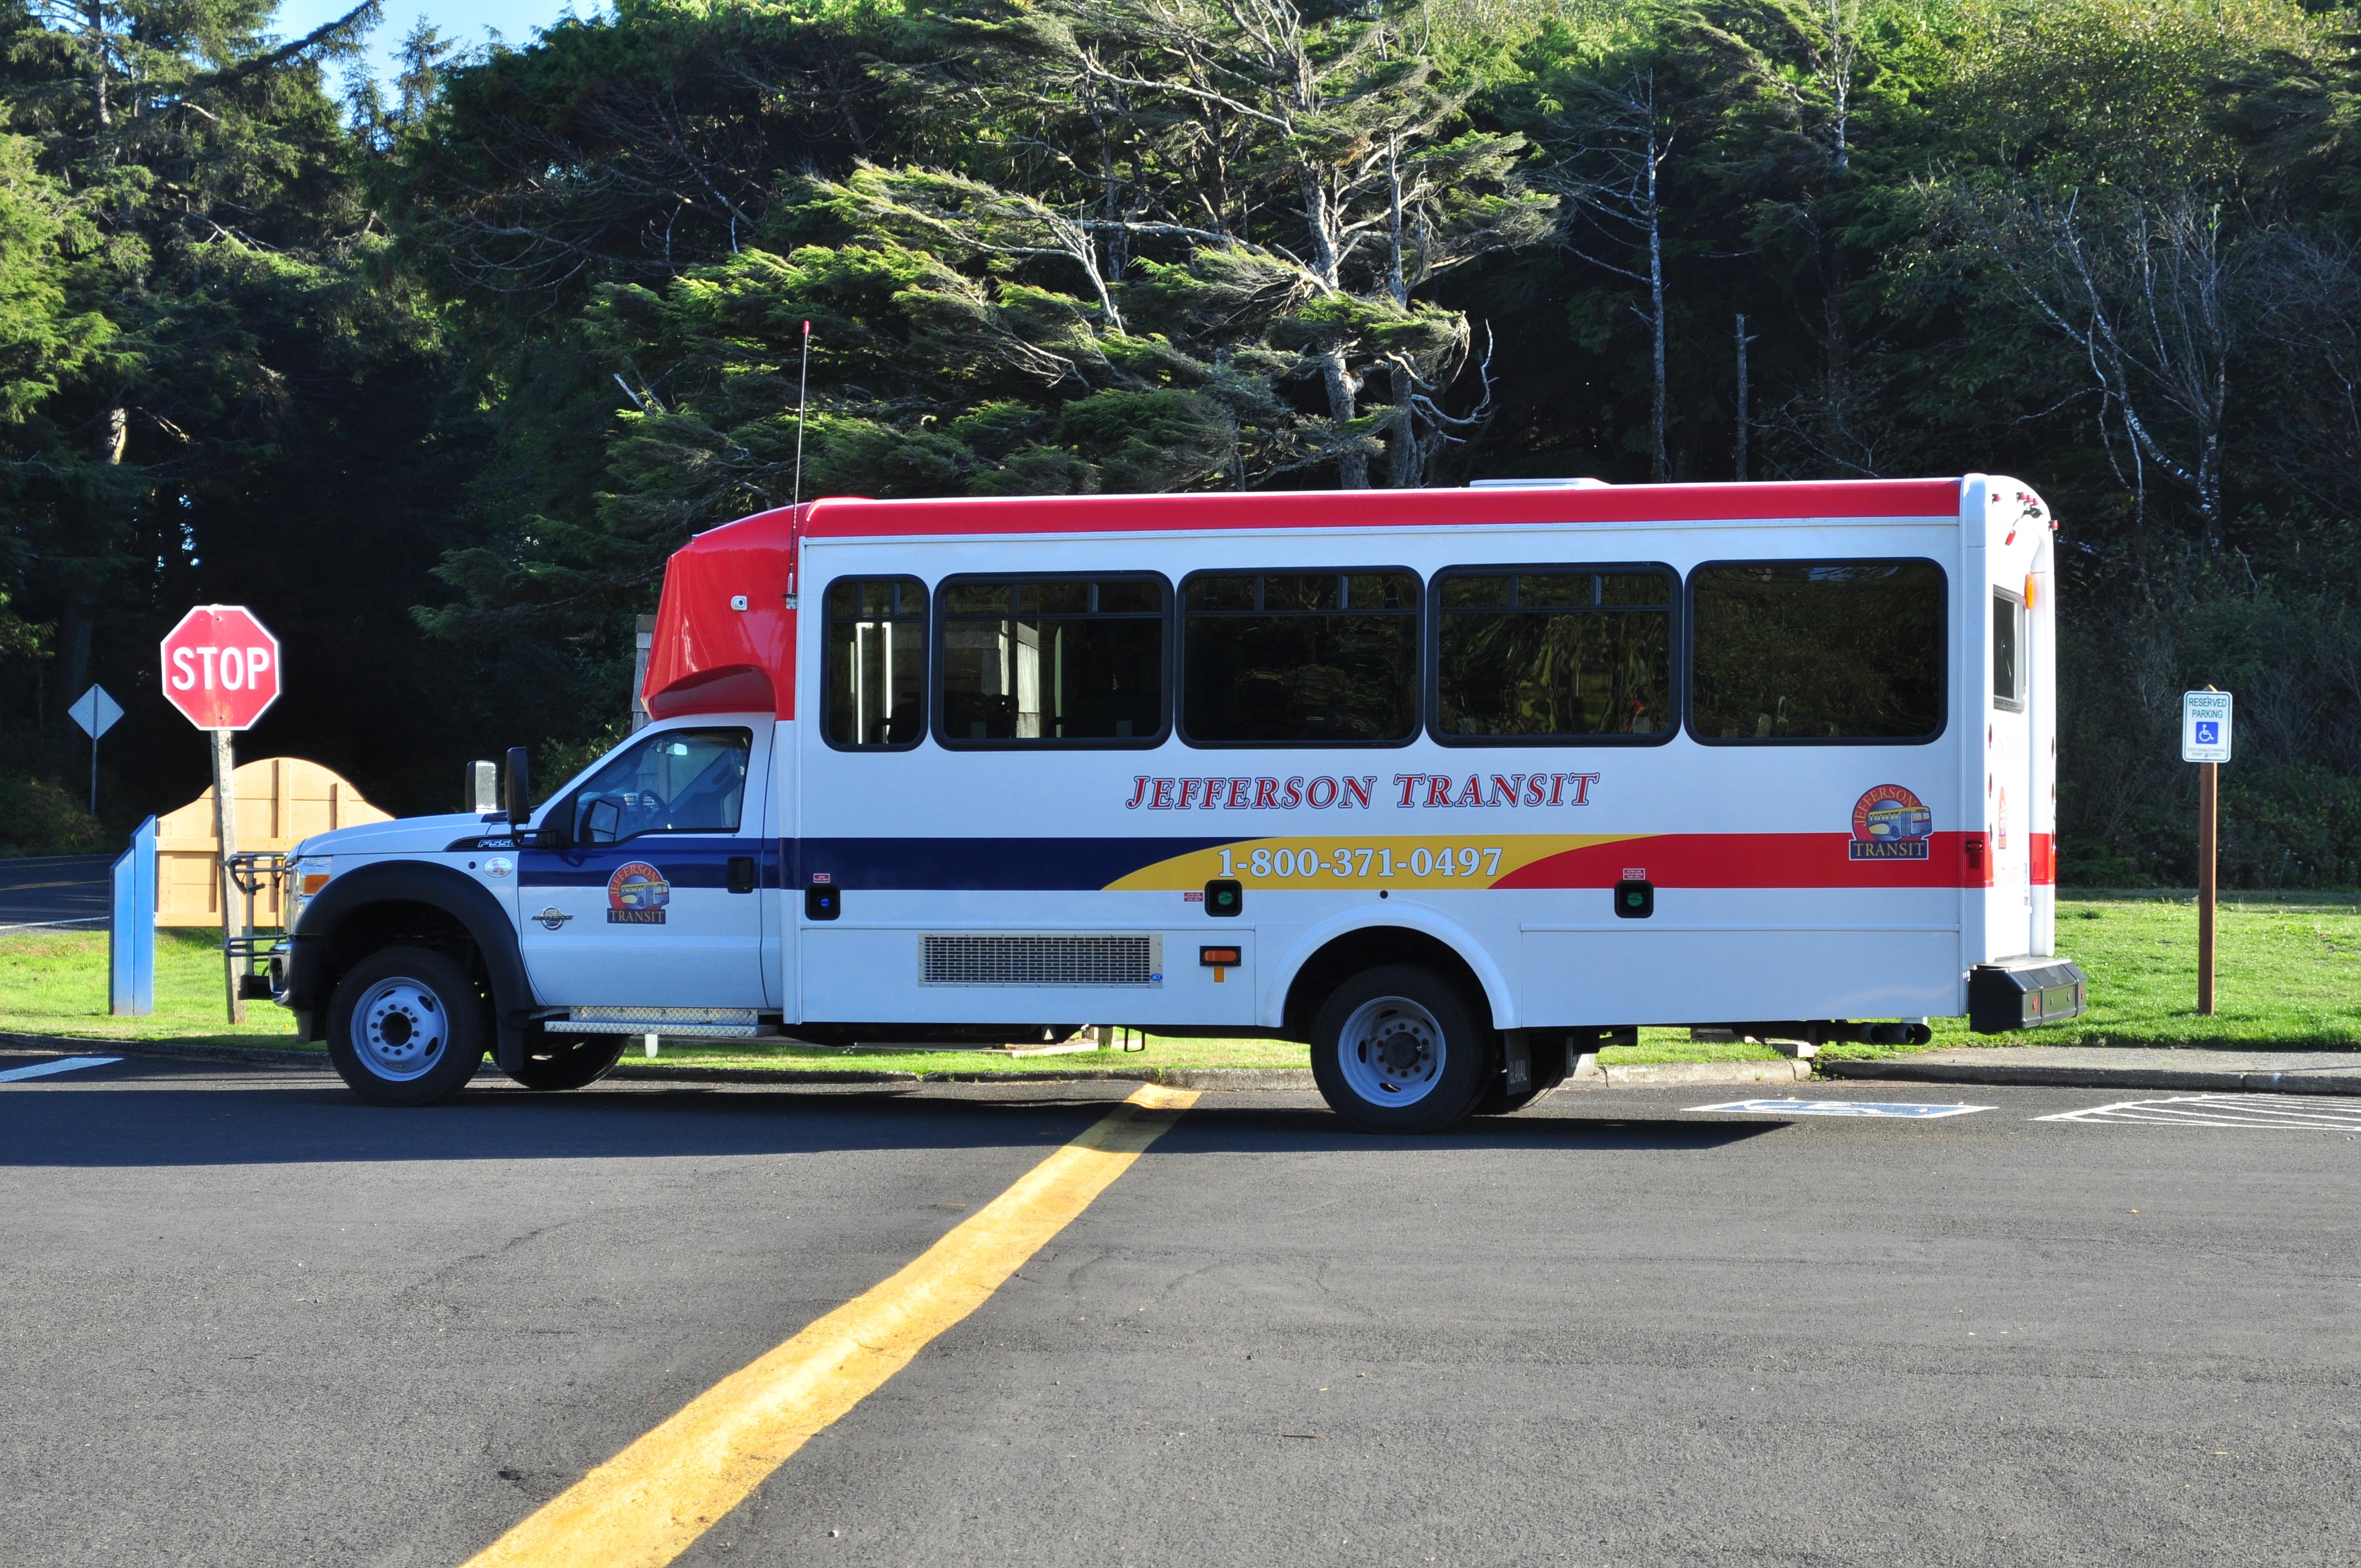 Jefferson Transit Washington Wikiwand